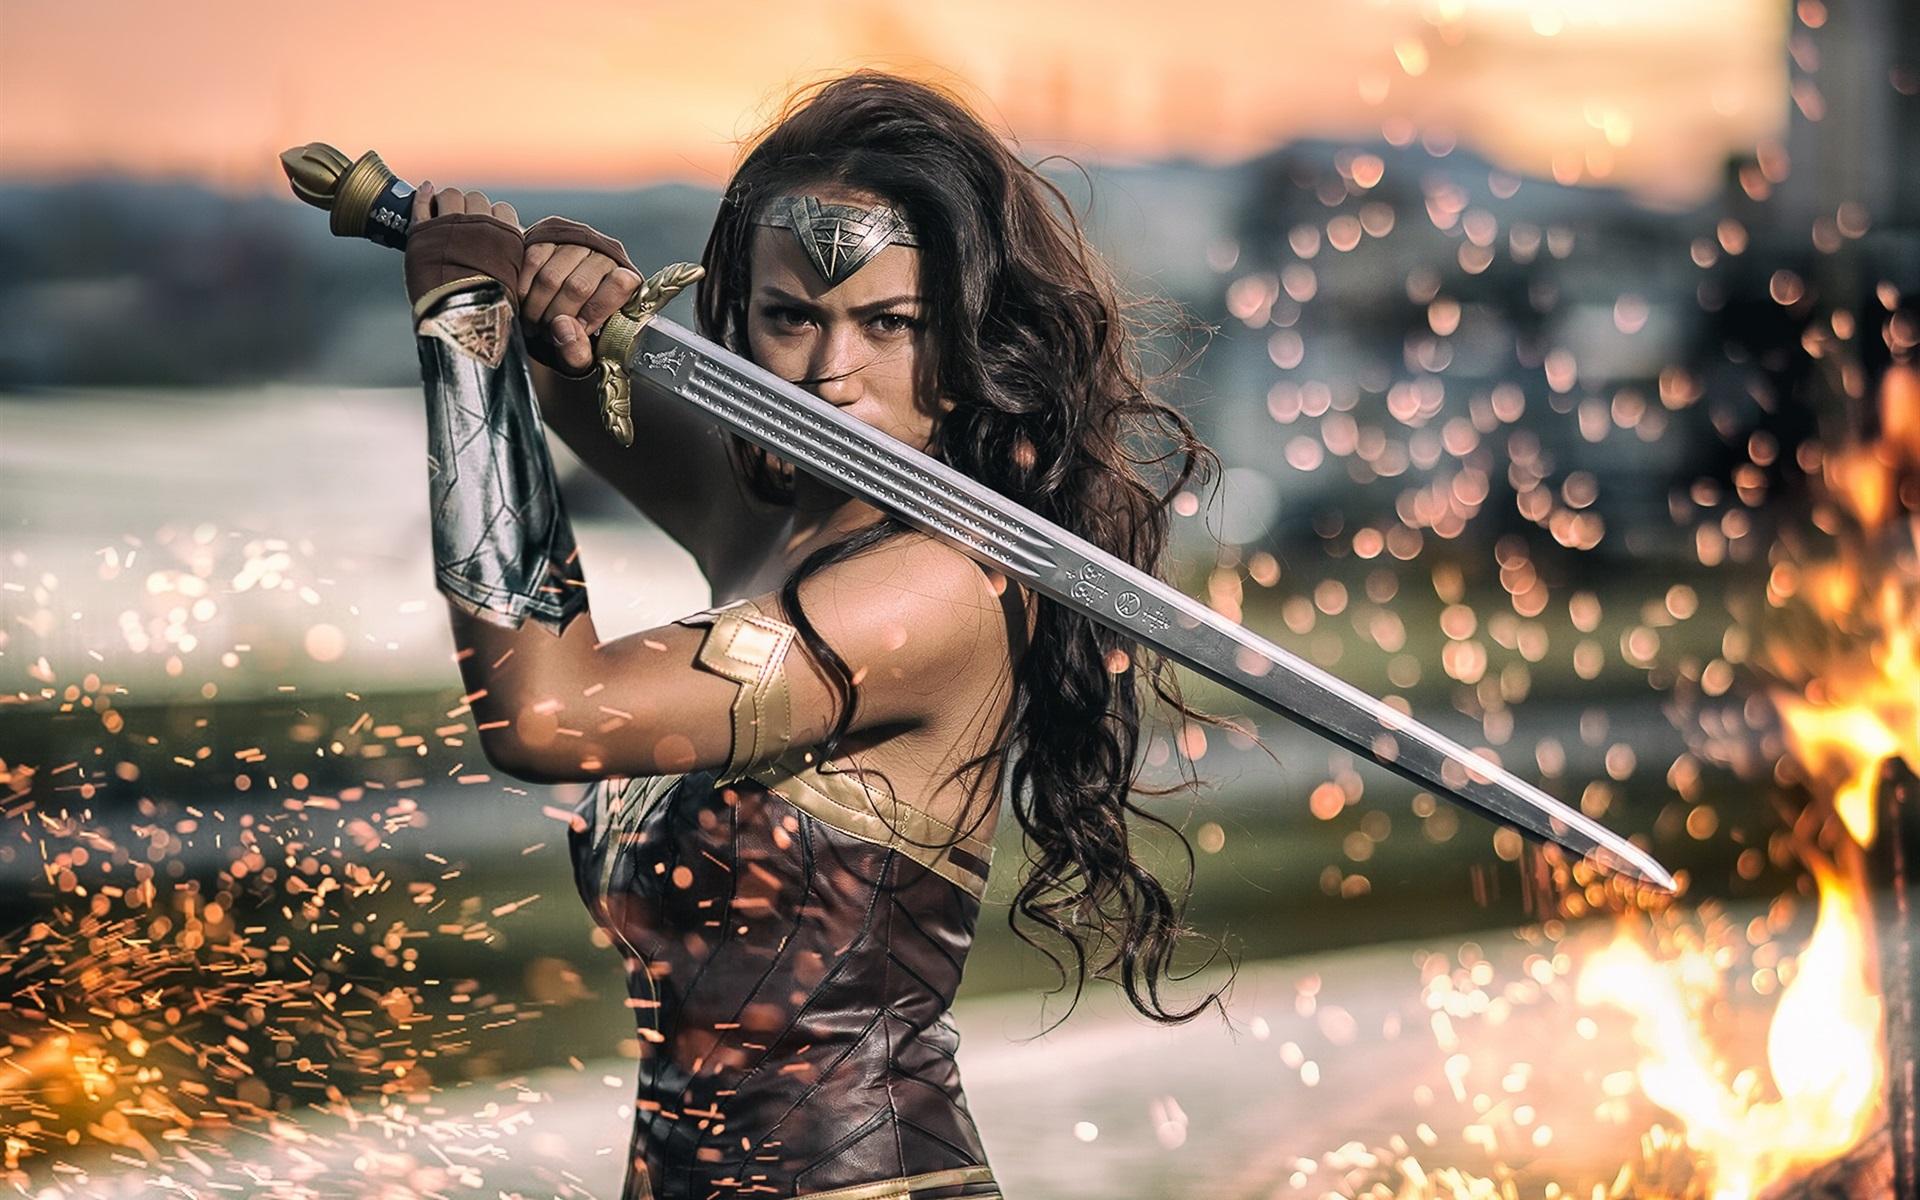 Девушка с мечом фотосессия #3